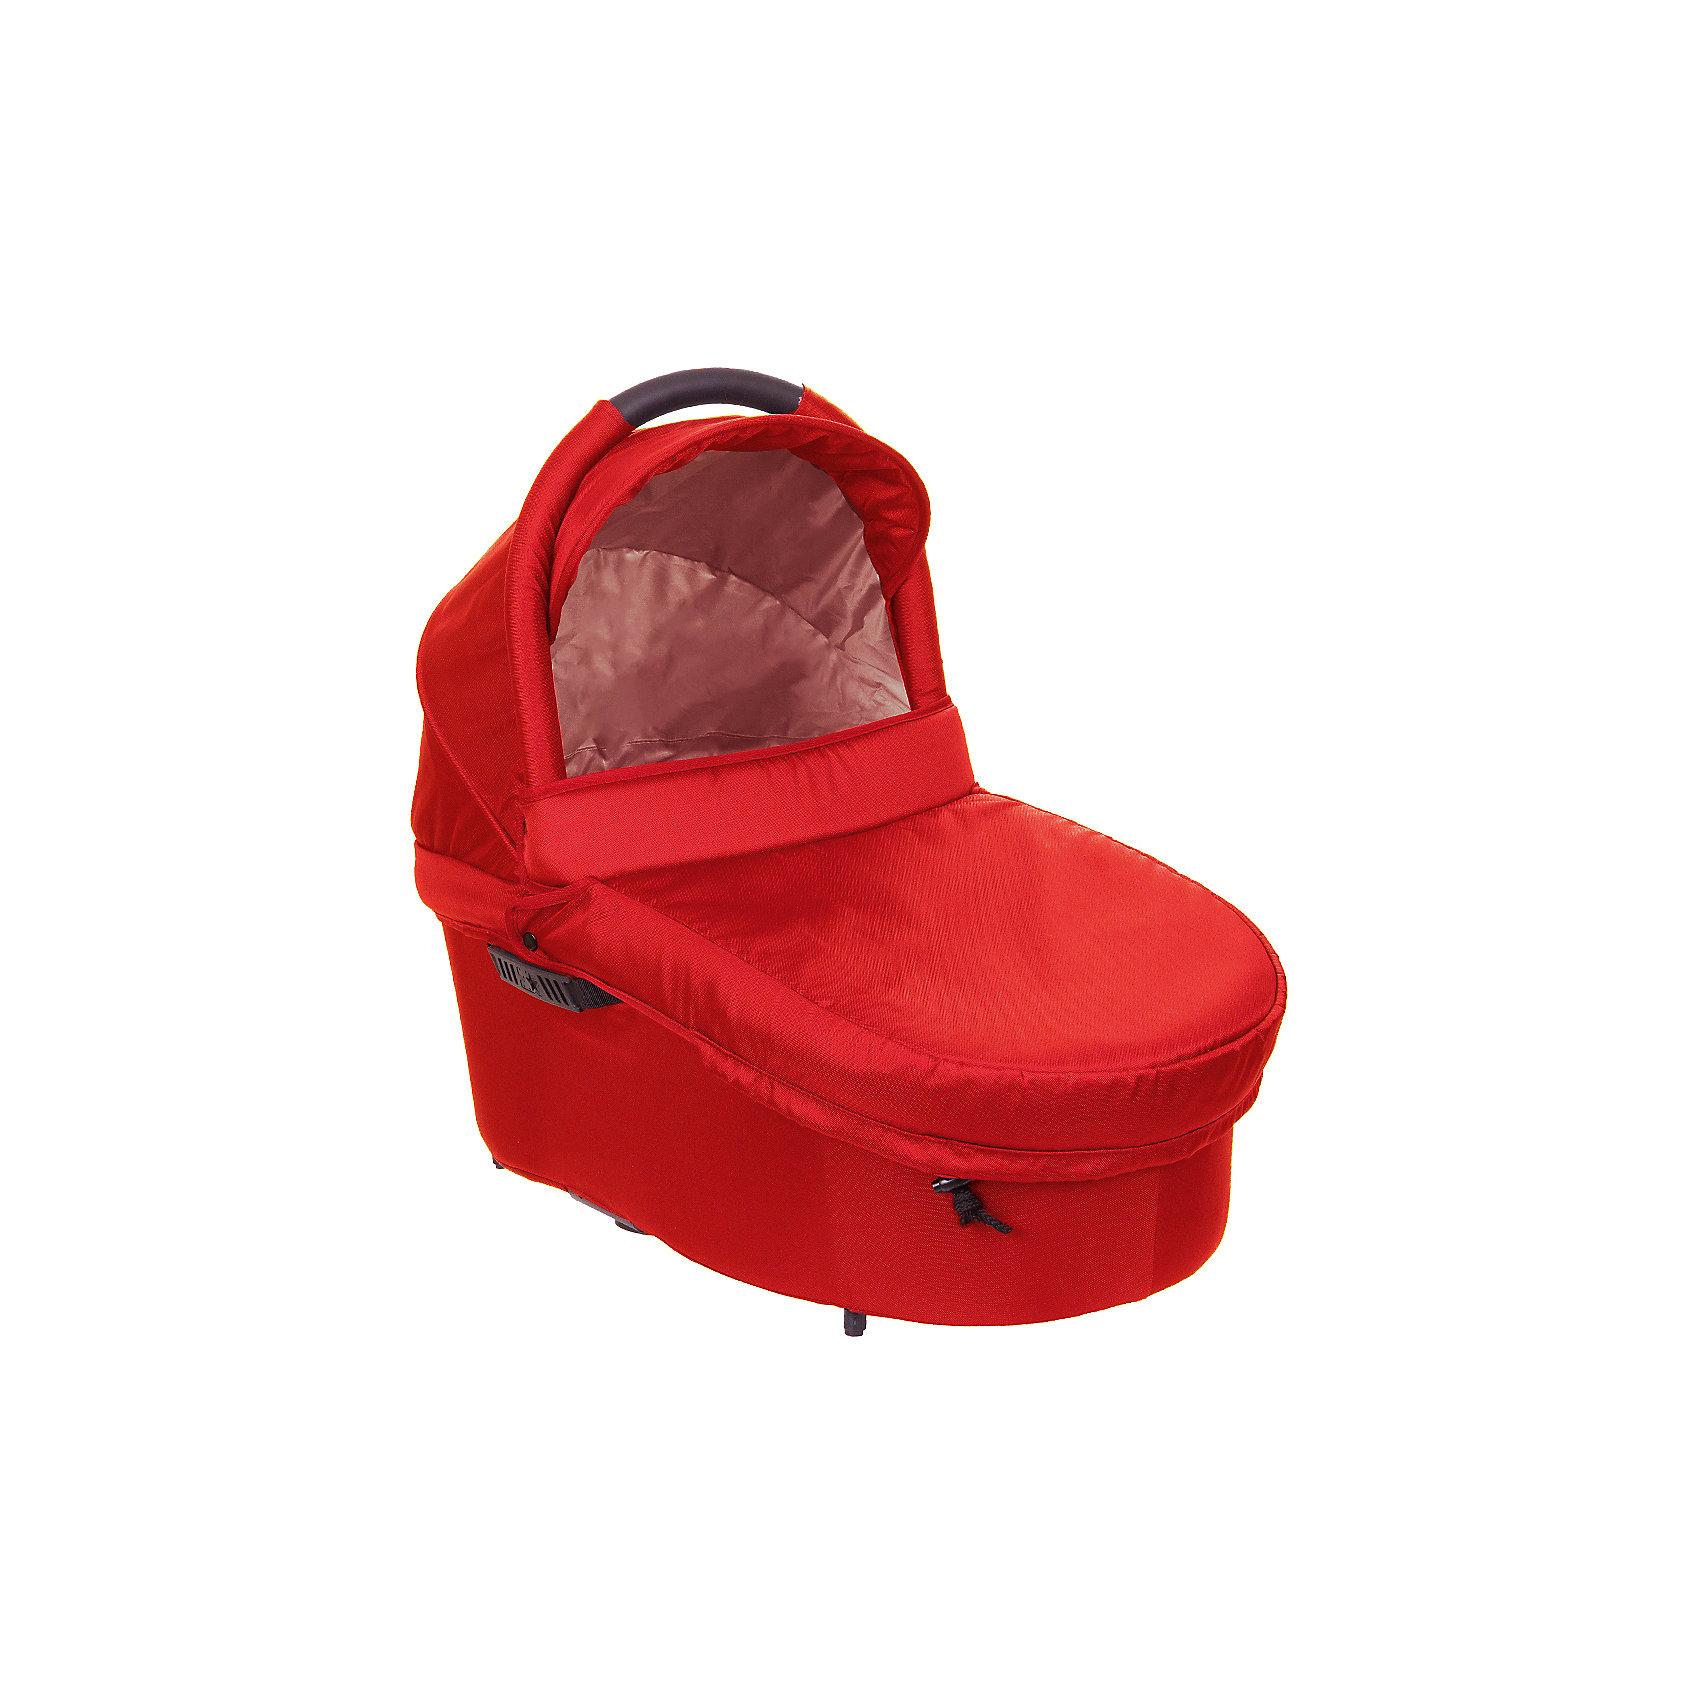 Люлька для  двойни DOU, Cozy, красныйЯркая, удобная люлька для двойни DOU.<br><br>Особенности: <br>- Твердое дно, необходимое для формирования правильной осанки.<br>- Жесткий каркас с возможностью складывания для компактного хранения.<br>- Мягкий матрасик в комплекте.<br>- Капюшон из водонепроницаемой и ветронепродуваемой ткани с фактором защиты от ультрафиолета 50 +.<br>- Пластиковая ручка для переноски. <br>- Накидка, защищающая от холода и ветра сделает приятной прогулку в любую погоду.<br>- Бесшумная система складывания капюшона с фиксаторами не разбудит маленького путешественника, если он уснул.<br>- Установка на шасси возможна в любом направлении (по/против хода движения).<br>- Съемные чехлы выполнены из гипоалергенной ткани, стирка рекомендуется ручная при температуре не выше 30° или машинная в деликатном режиме.<br><br>Дополнительная информация: <br><br>- Цвет: красный.<br>- Размер упаковки: 40х135х90 см.<br>- Вес в упаковке: 5 кг.<br><br>Люлька для  двойни DOU Cozy  можно купить в нашем магазине.<br><br>Ширина мм: 400<br>Глубина мм: 1350<br>Высота мм: 900<br>Вес г: 5000<br>Возраст от месяцев: 0<br>Возраст до месяцев: 6<br>Пол: Женский<br>Возраст: Детский<br>SKU: 4738668